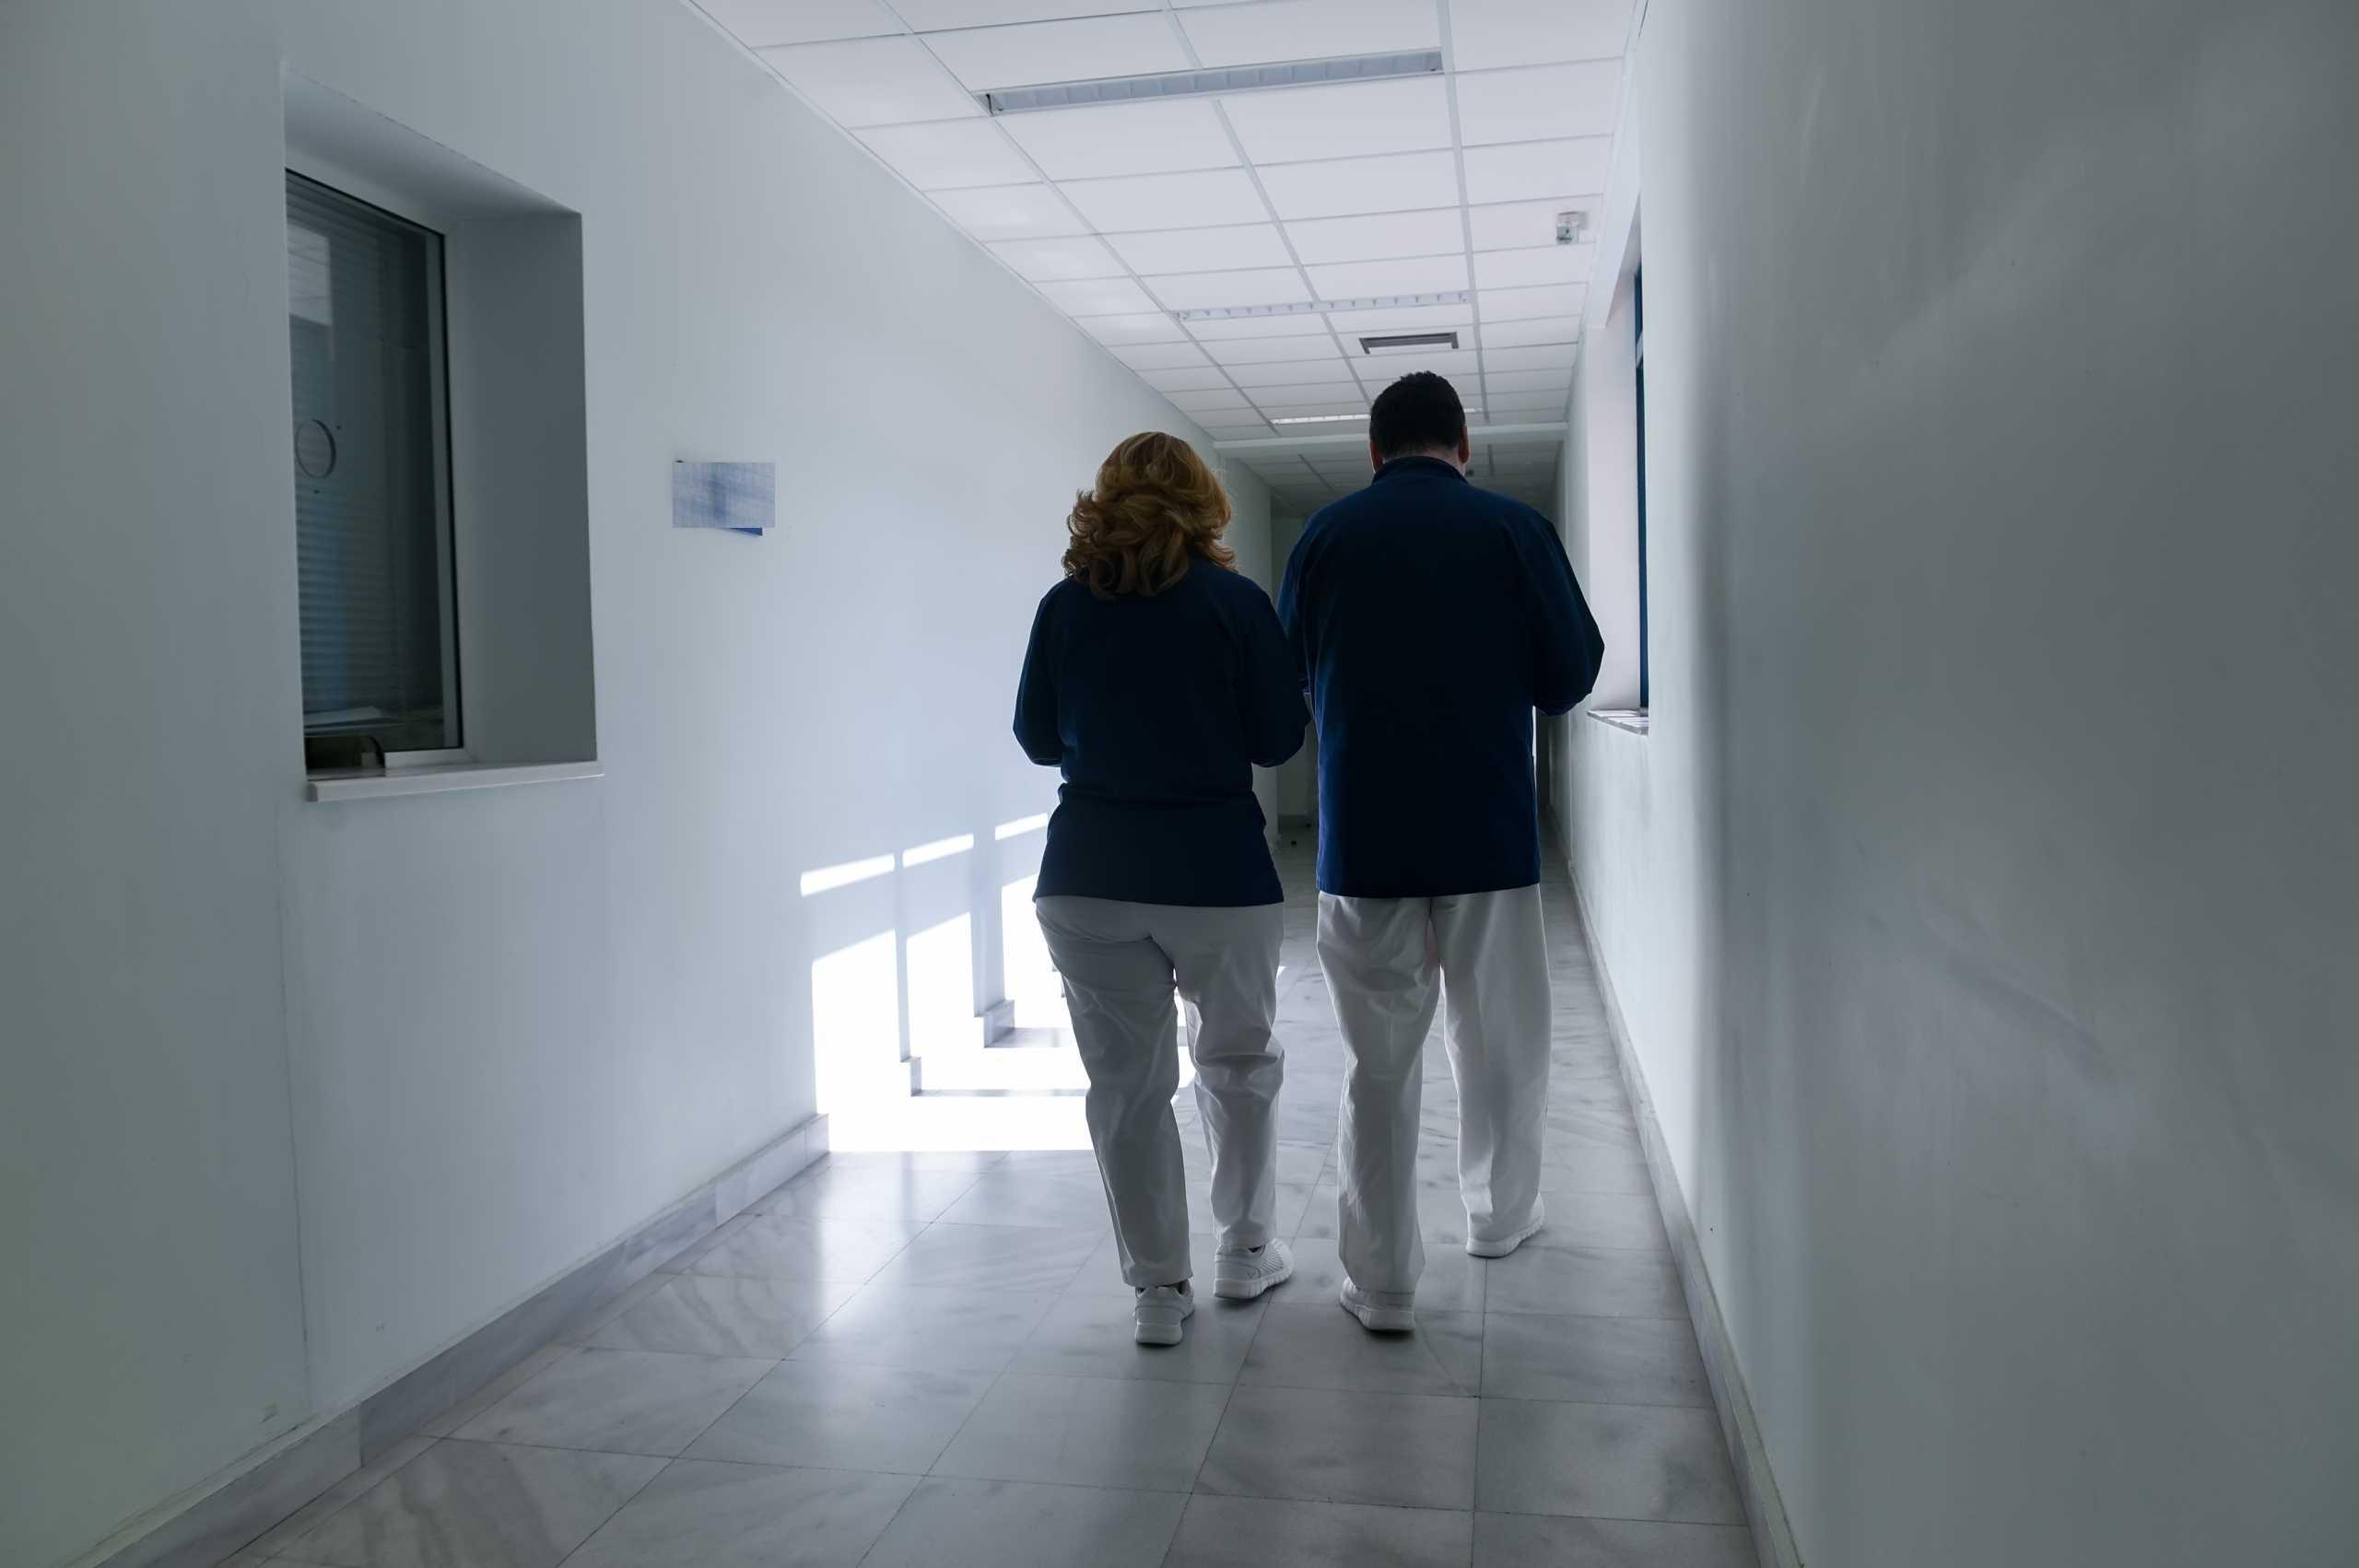 Λαμία: Γεμάτη η ΜΕΘ Covid – Νέοι άνθρωποι νοσηλεύονται στο Πέτρινο